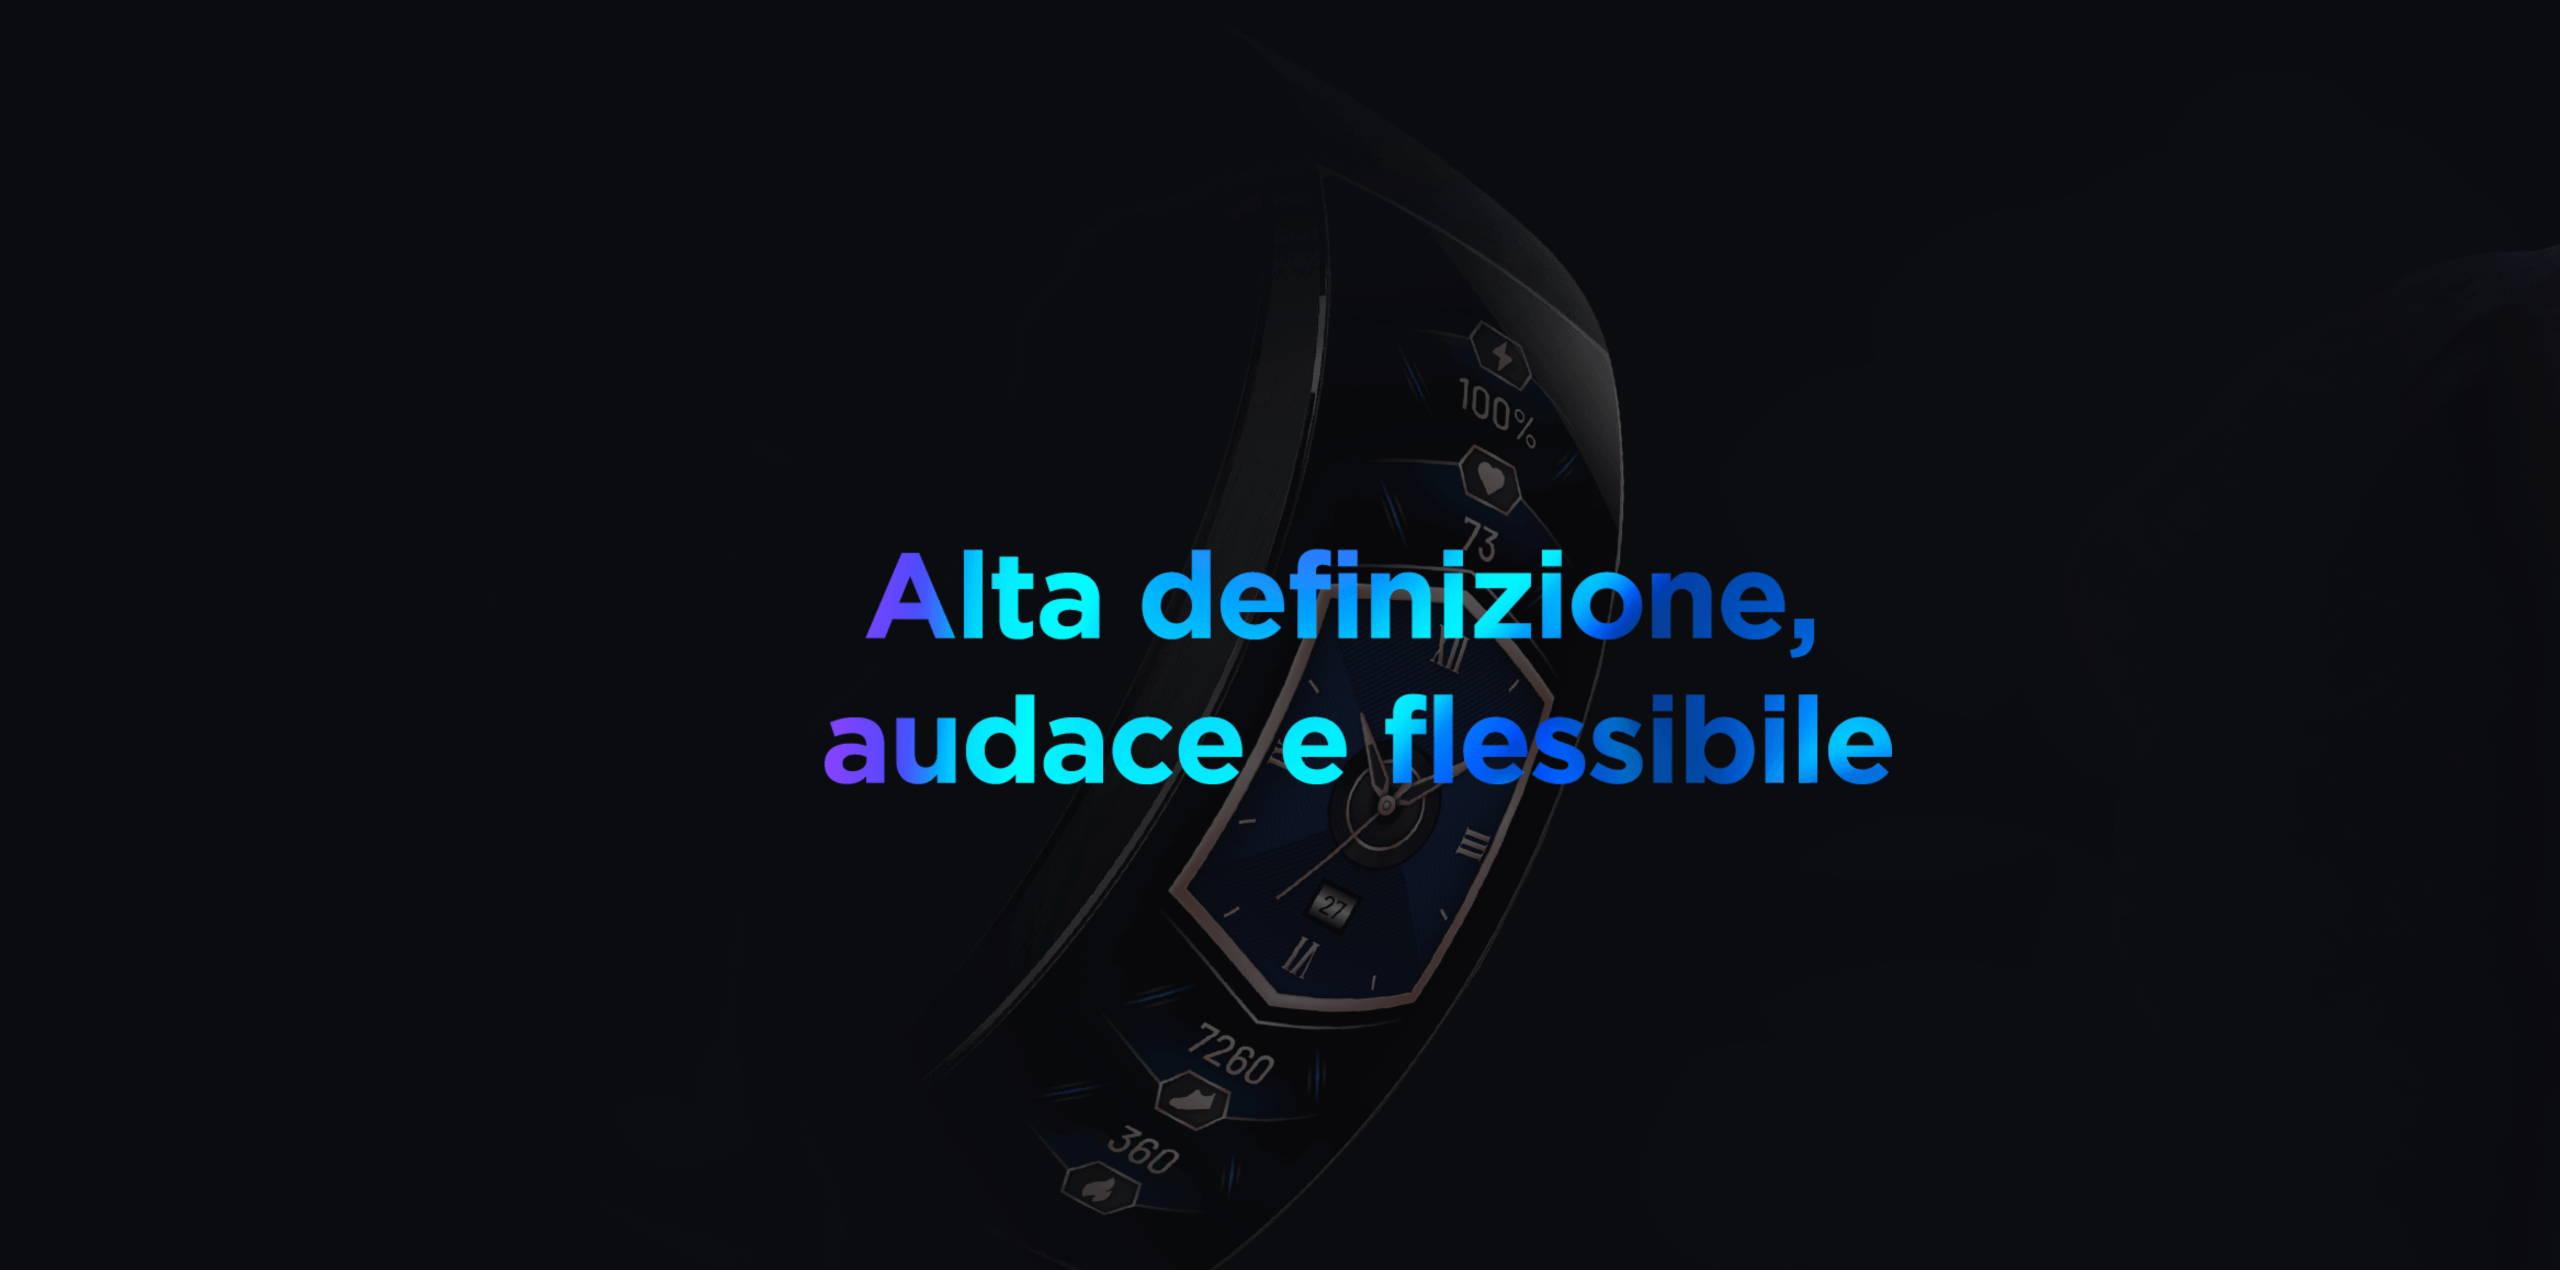 Amazfit X - Alta definizione,audace e flessibile.